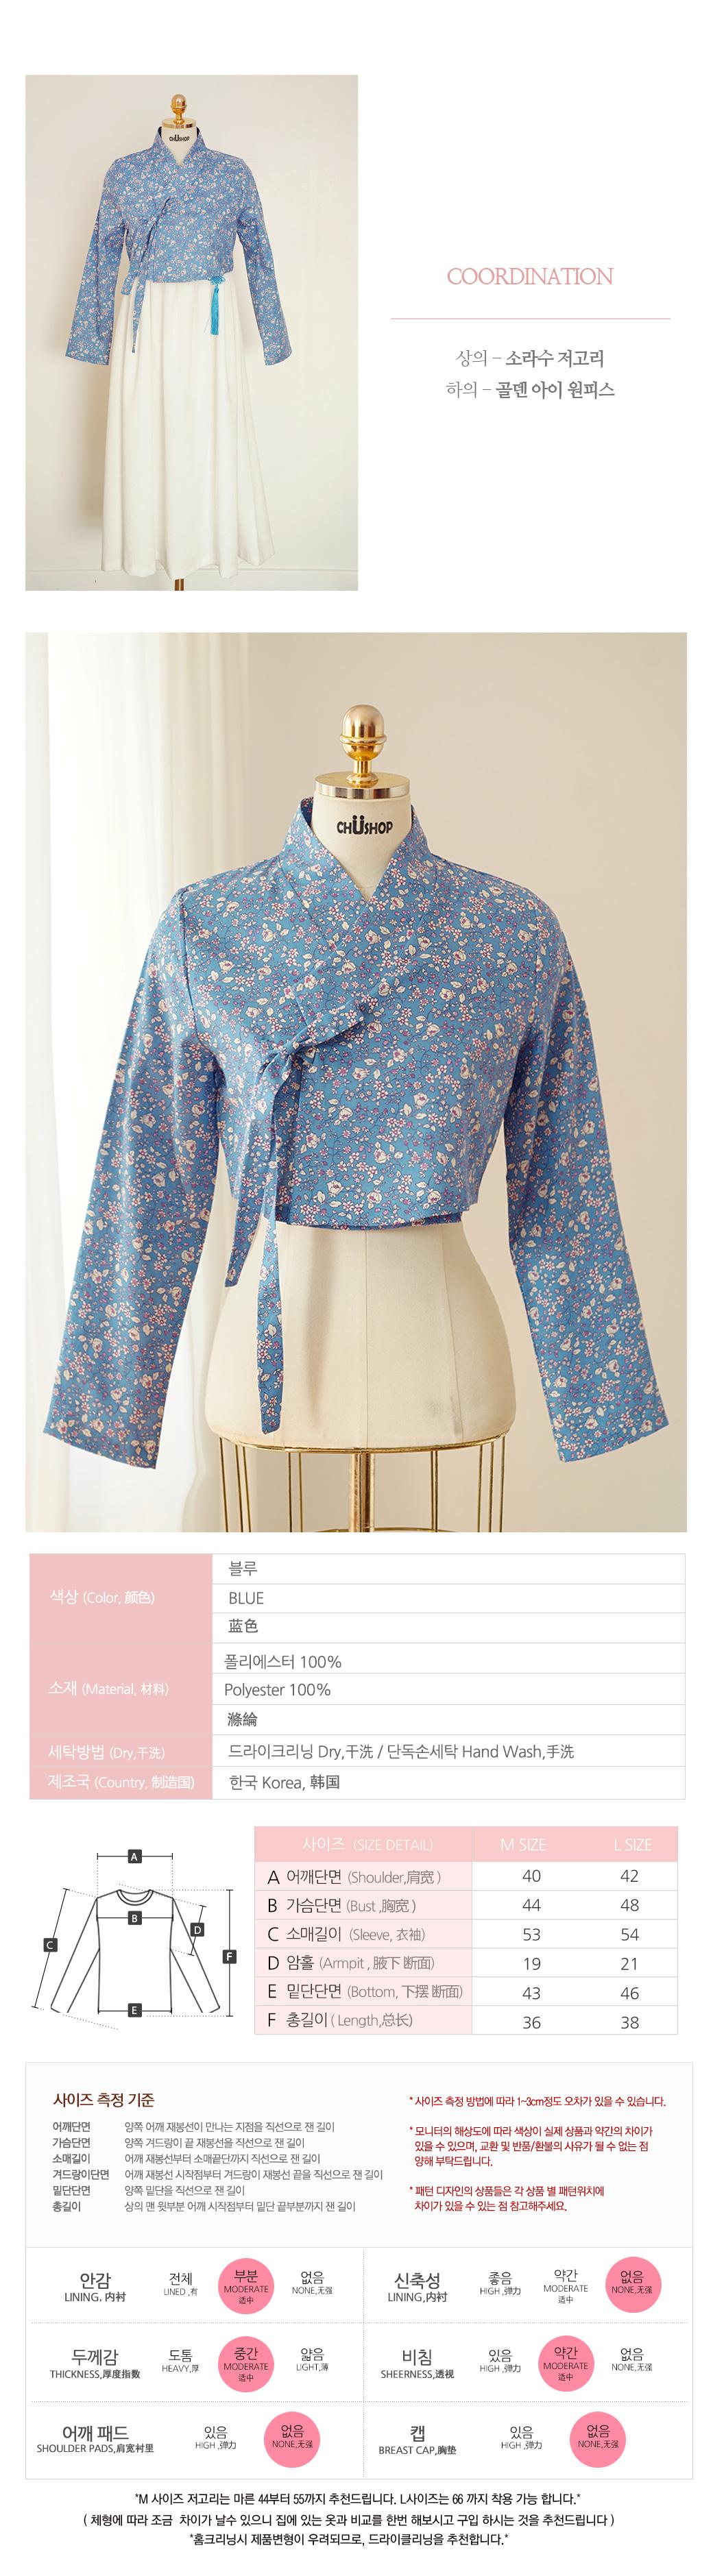 생활한복세트 소라수+골덴 아이 원피스 - 츄샵, 85,900원, 생활한복, 여성한복